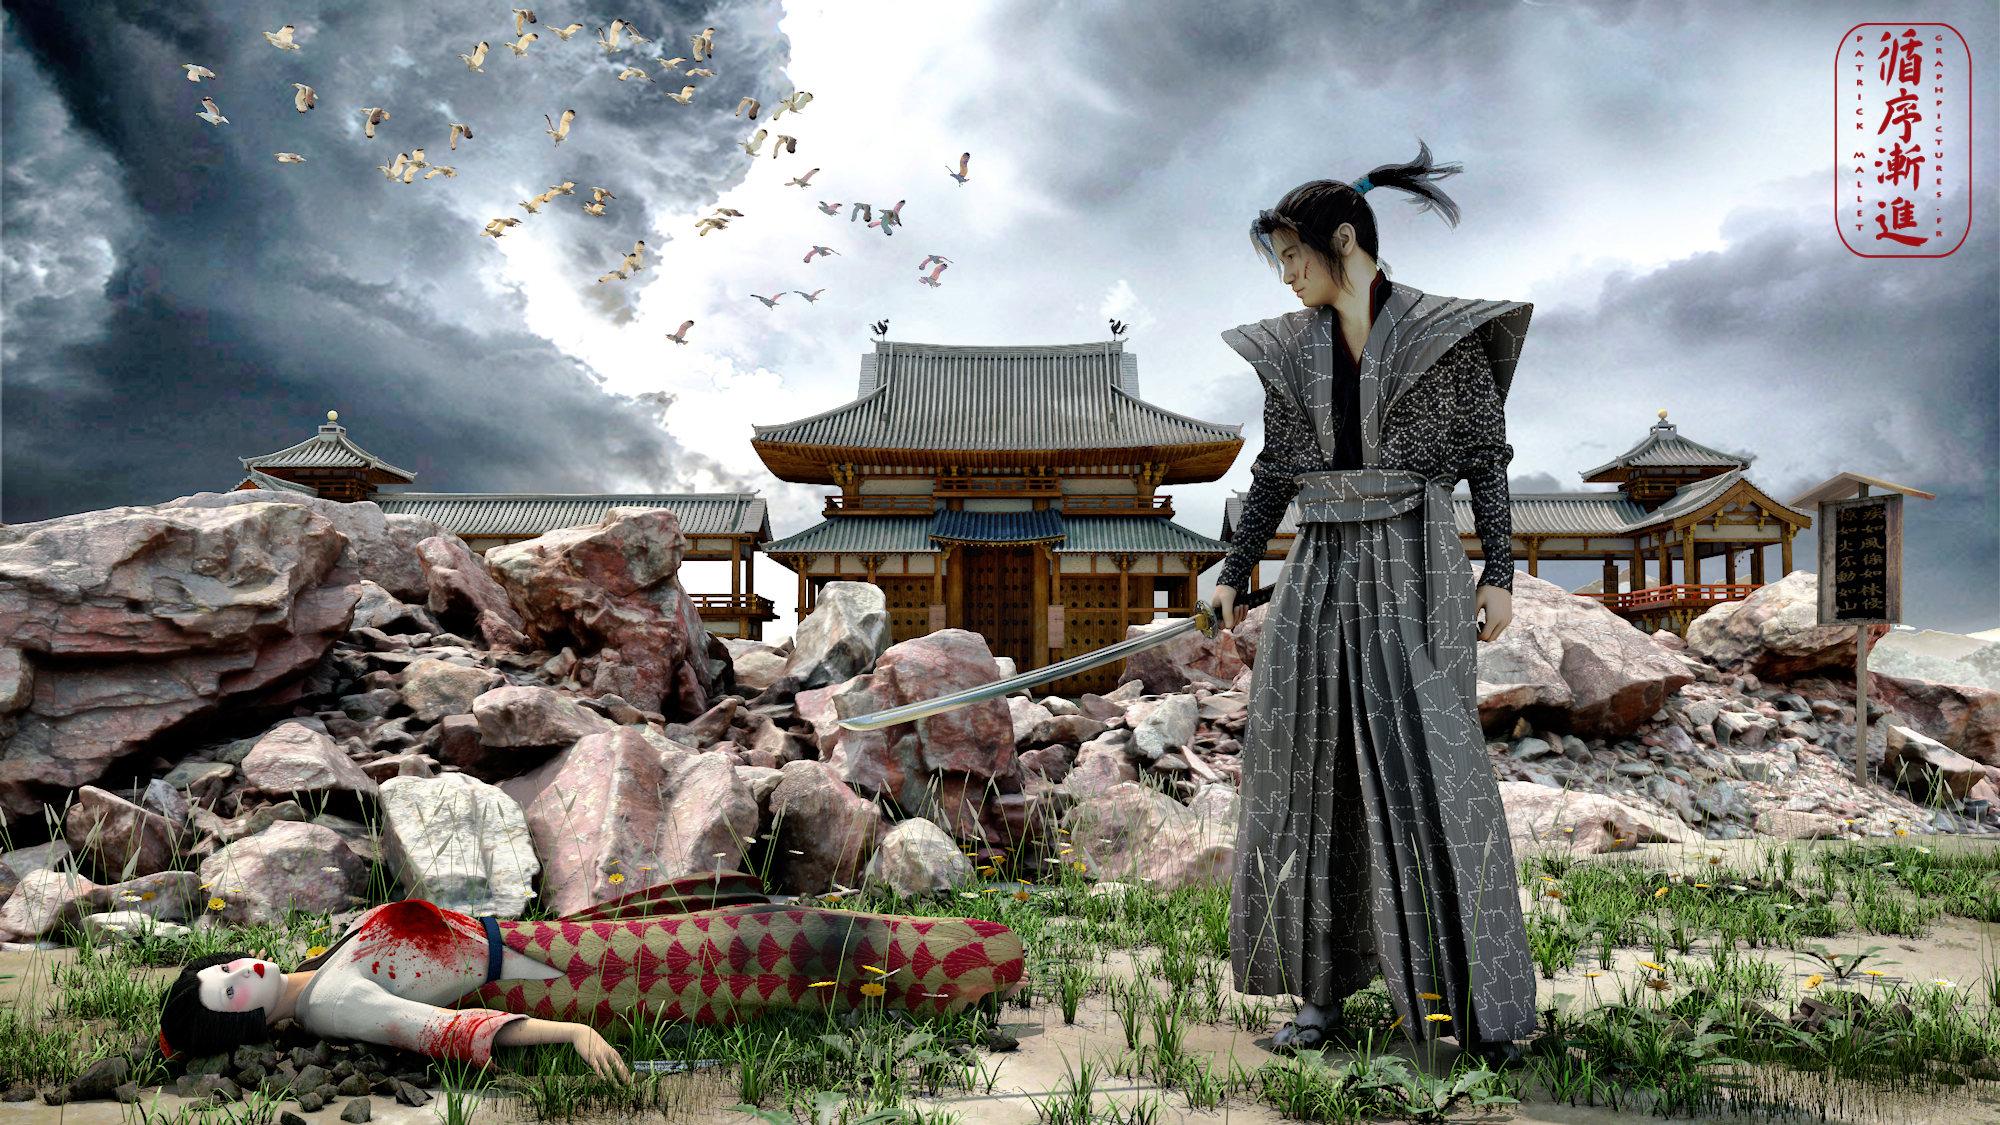 ma vision du  japon - Page 3 Jun_av10